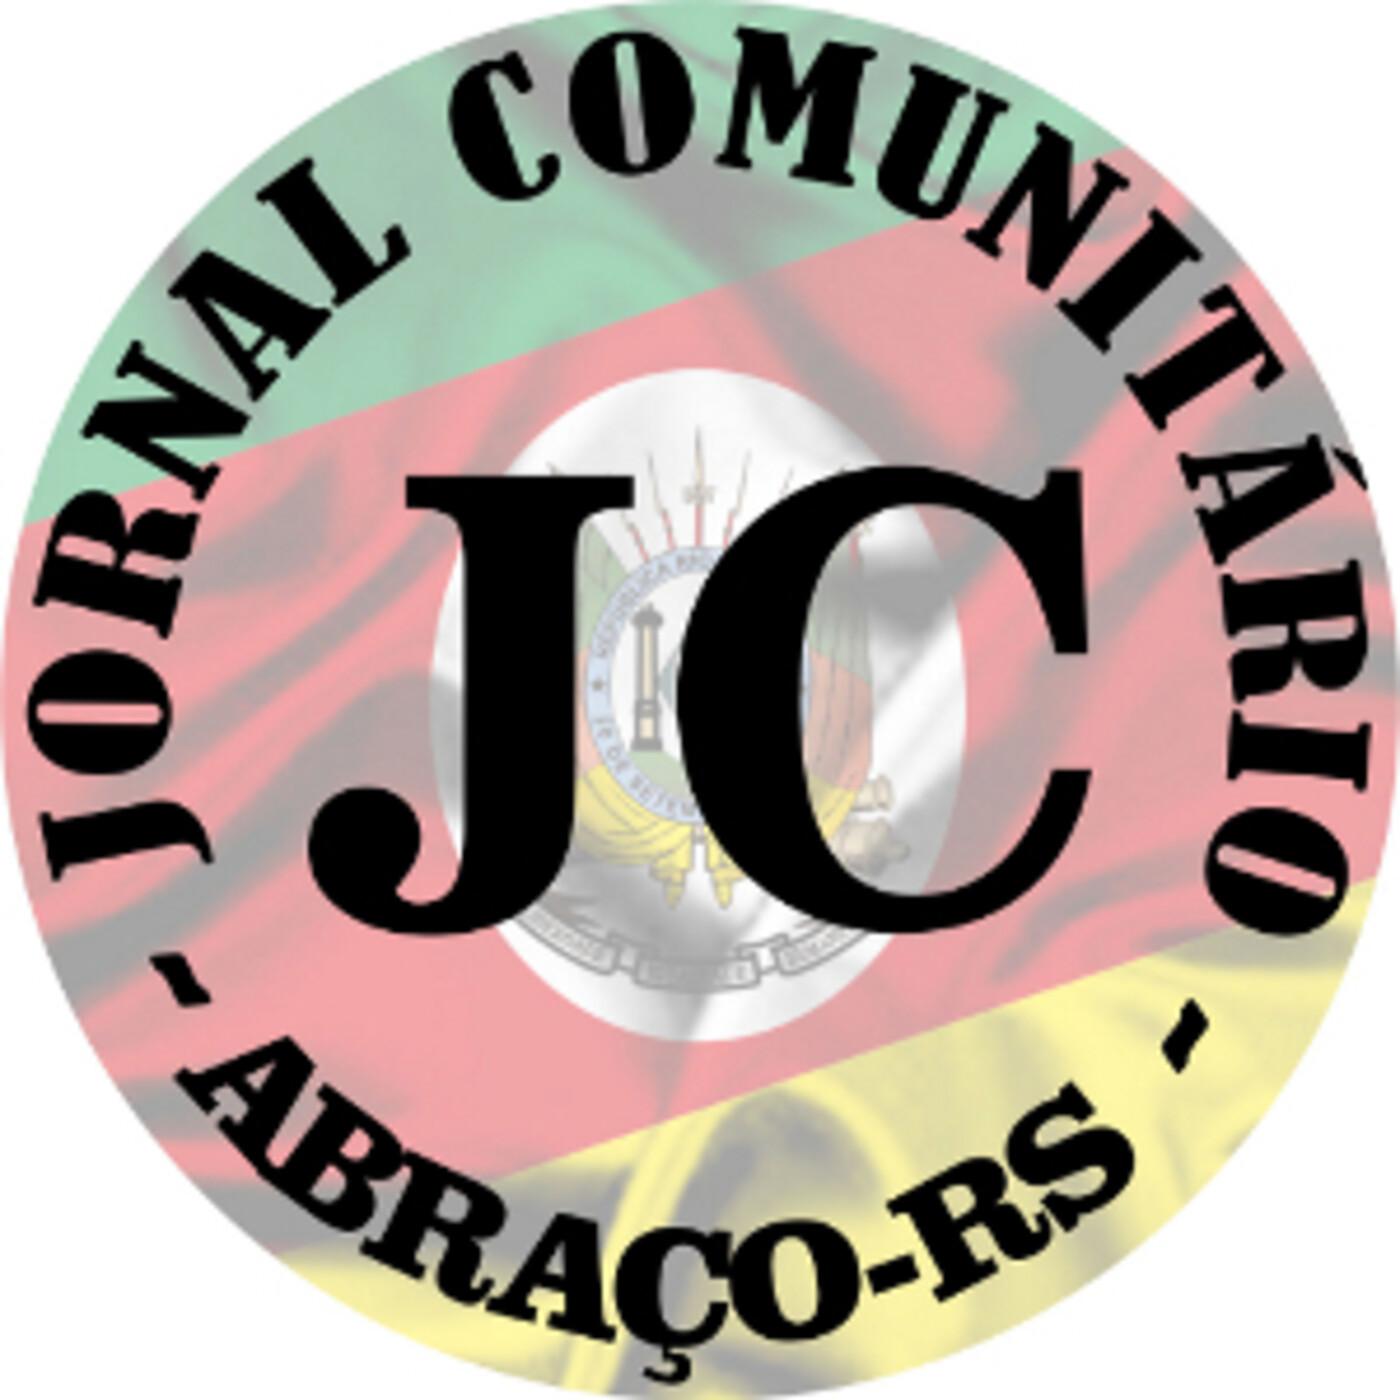 Jornal Comunitário - Rio Grande do Sul - Edição 2124, do dia 20 de outubro de 2020